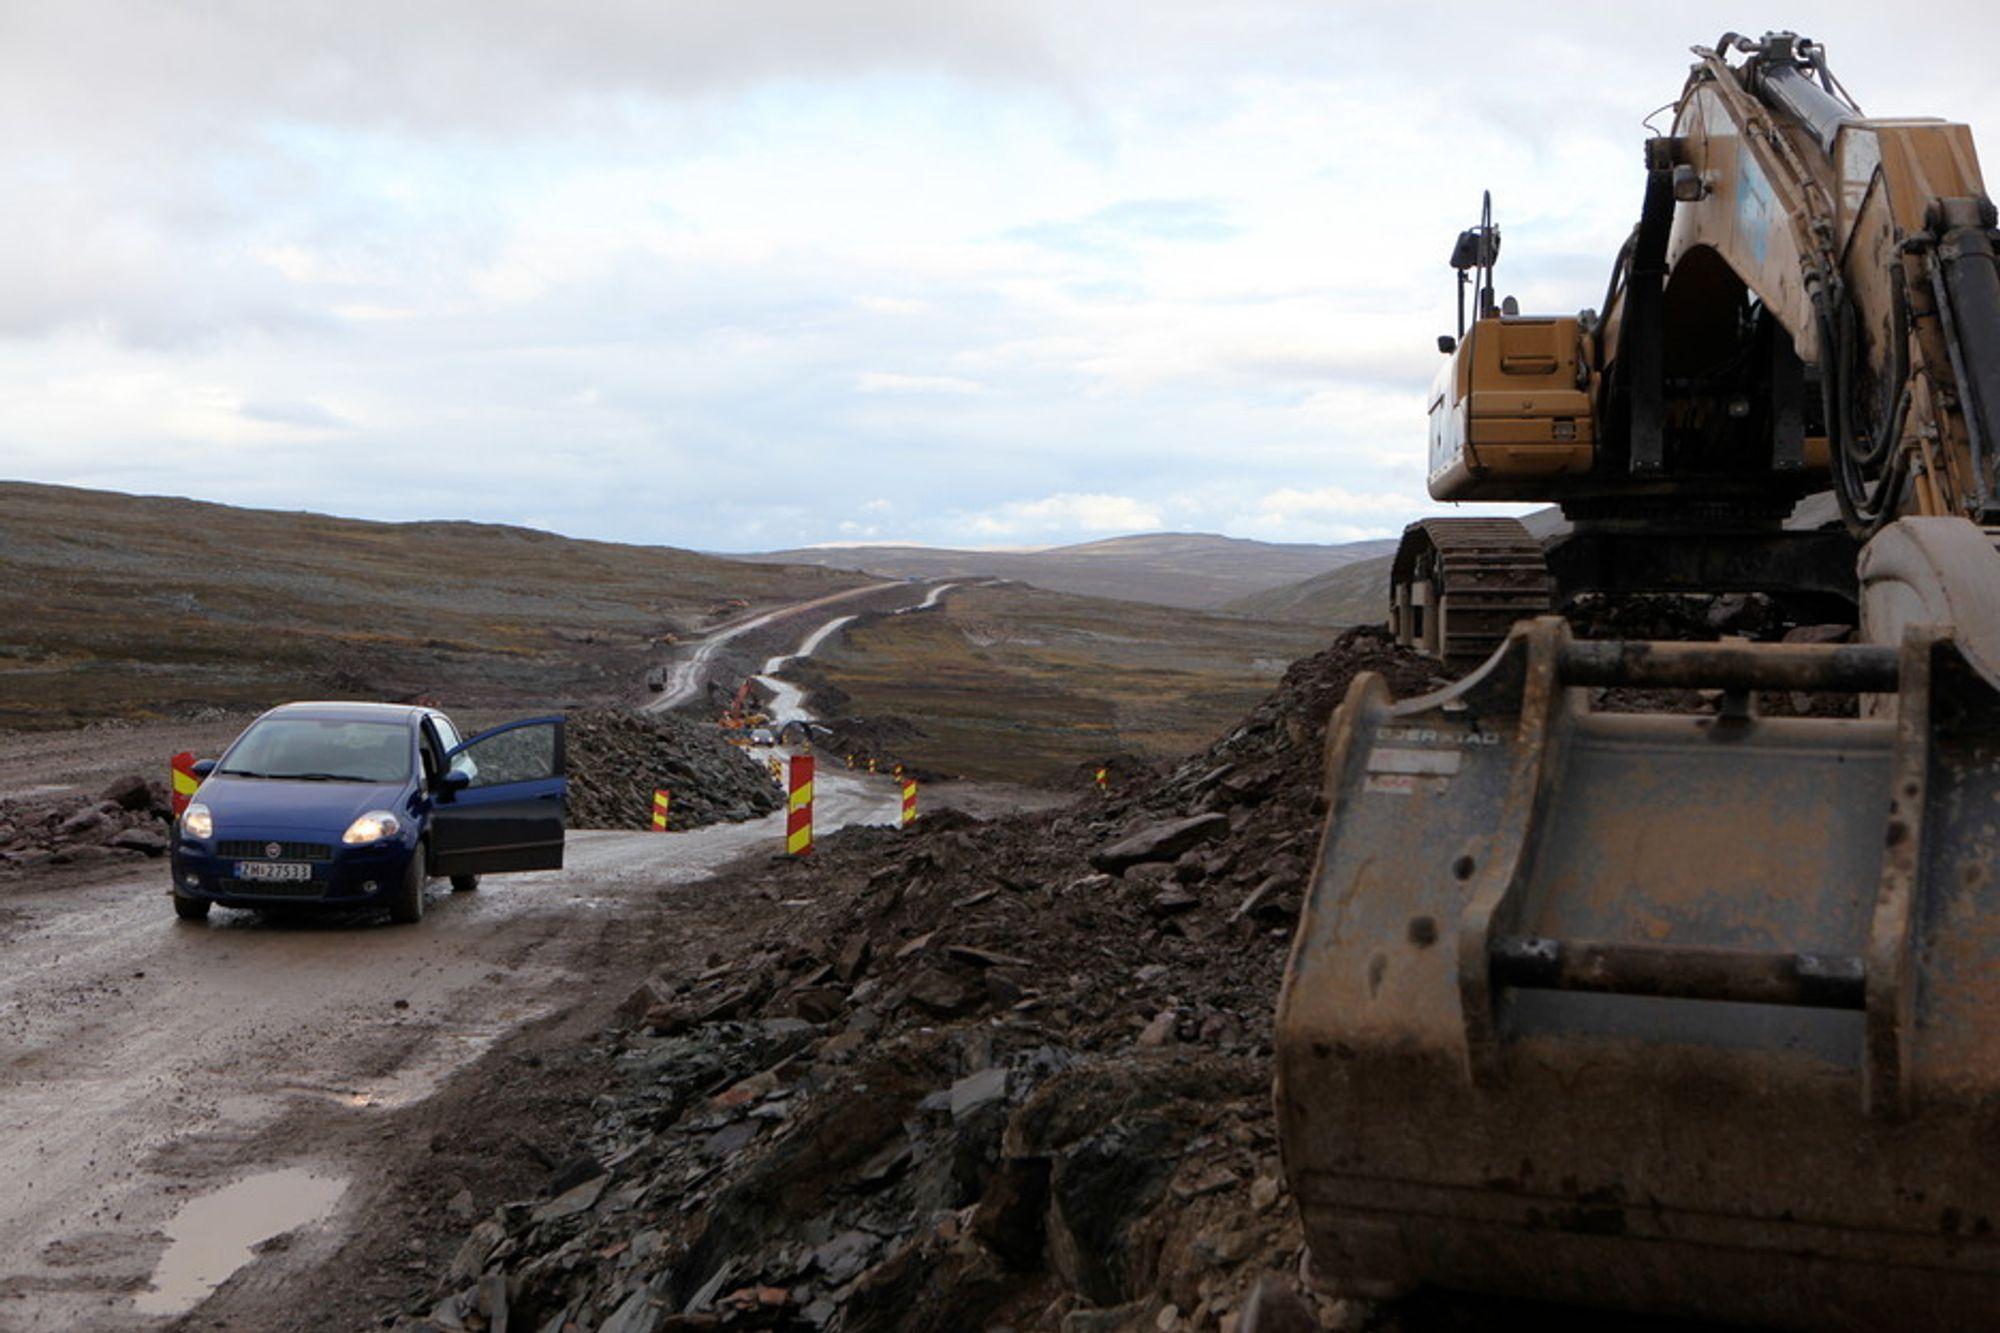 Veiarbeidene på Ifjordfjellet startet i 2009, og veien er ferdig i 2015 eller 2016. Budsjettet er på 450 millioner kroner, og det er en strekning på 36 kilometer som utbedres.